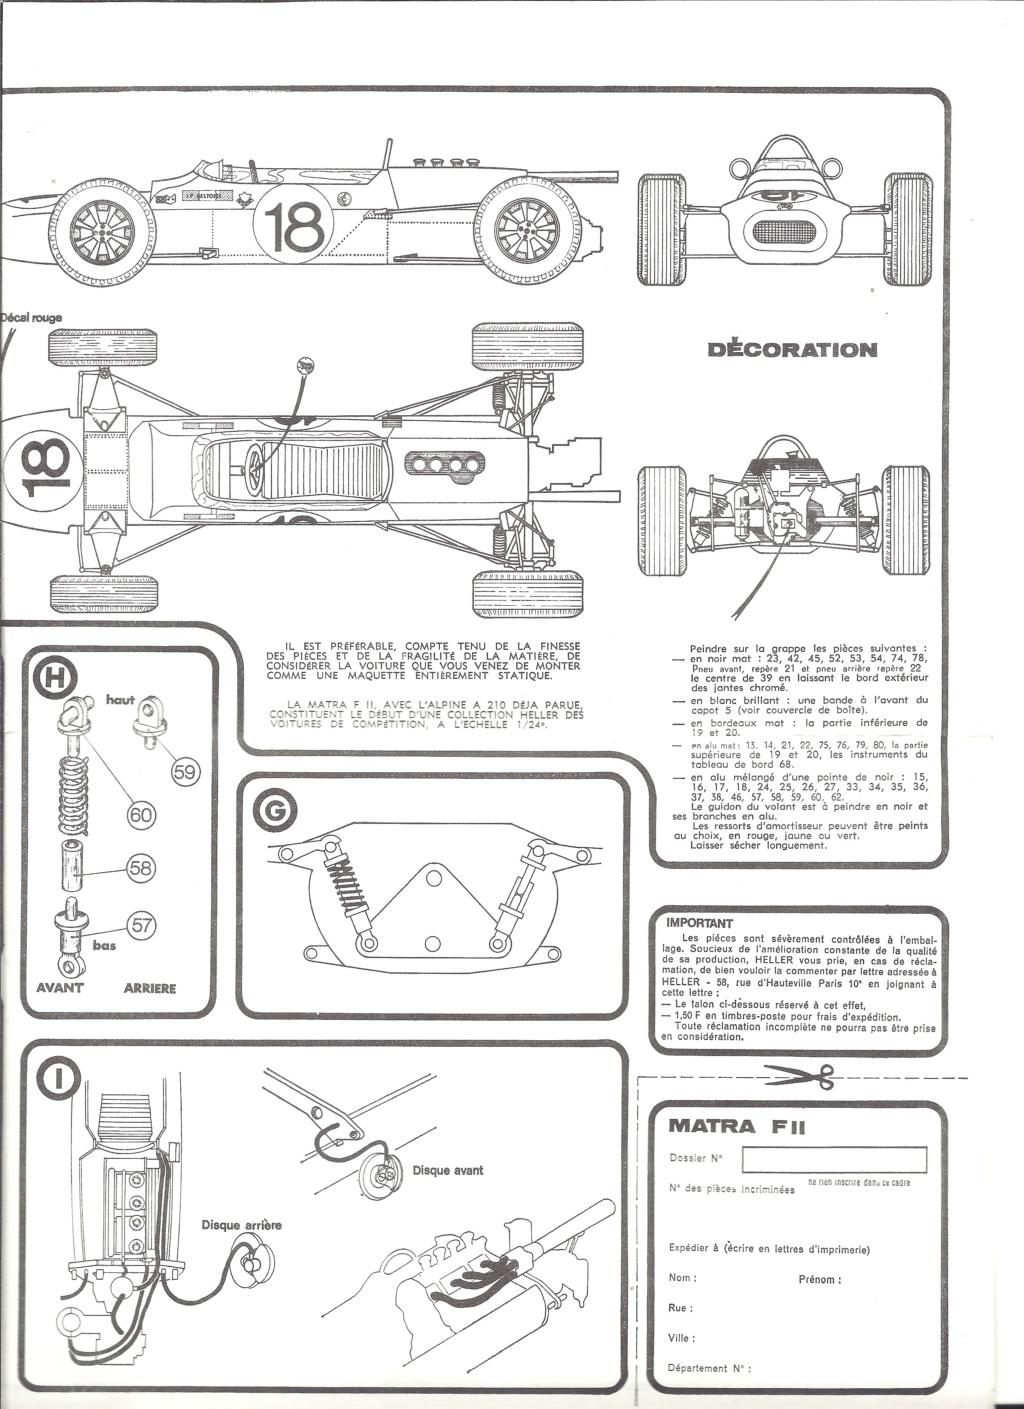 MATRA COSWORTH Formule II 1/24ème  Réf L740 Notice Helle191